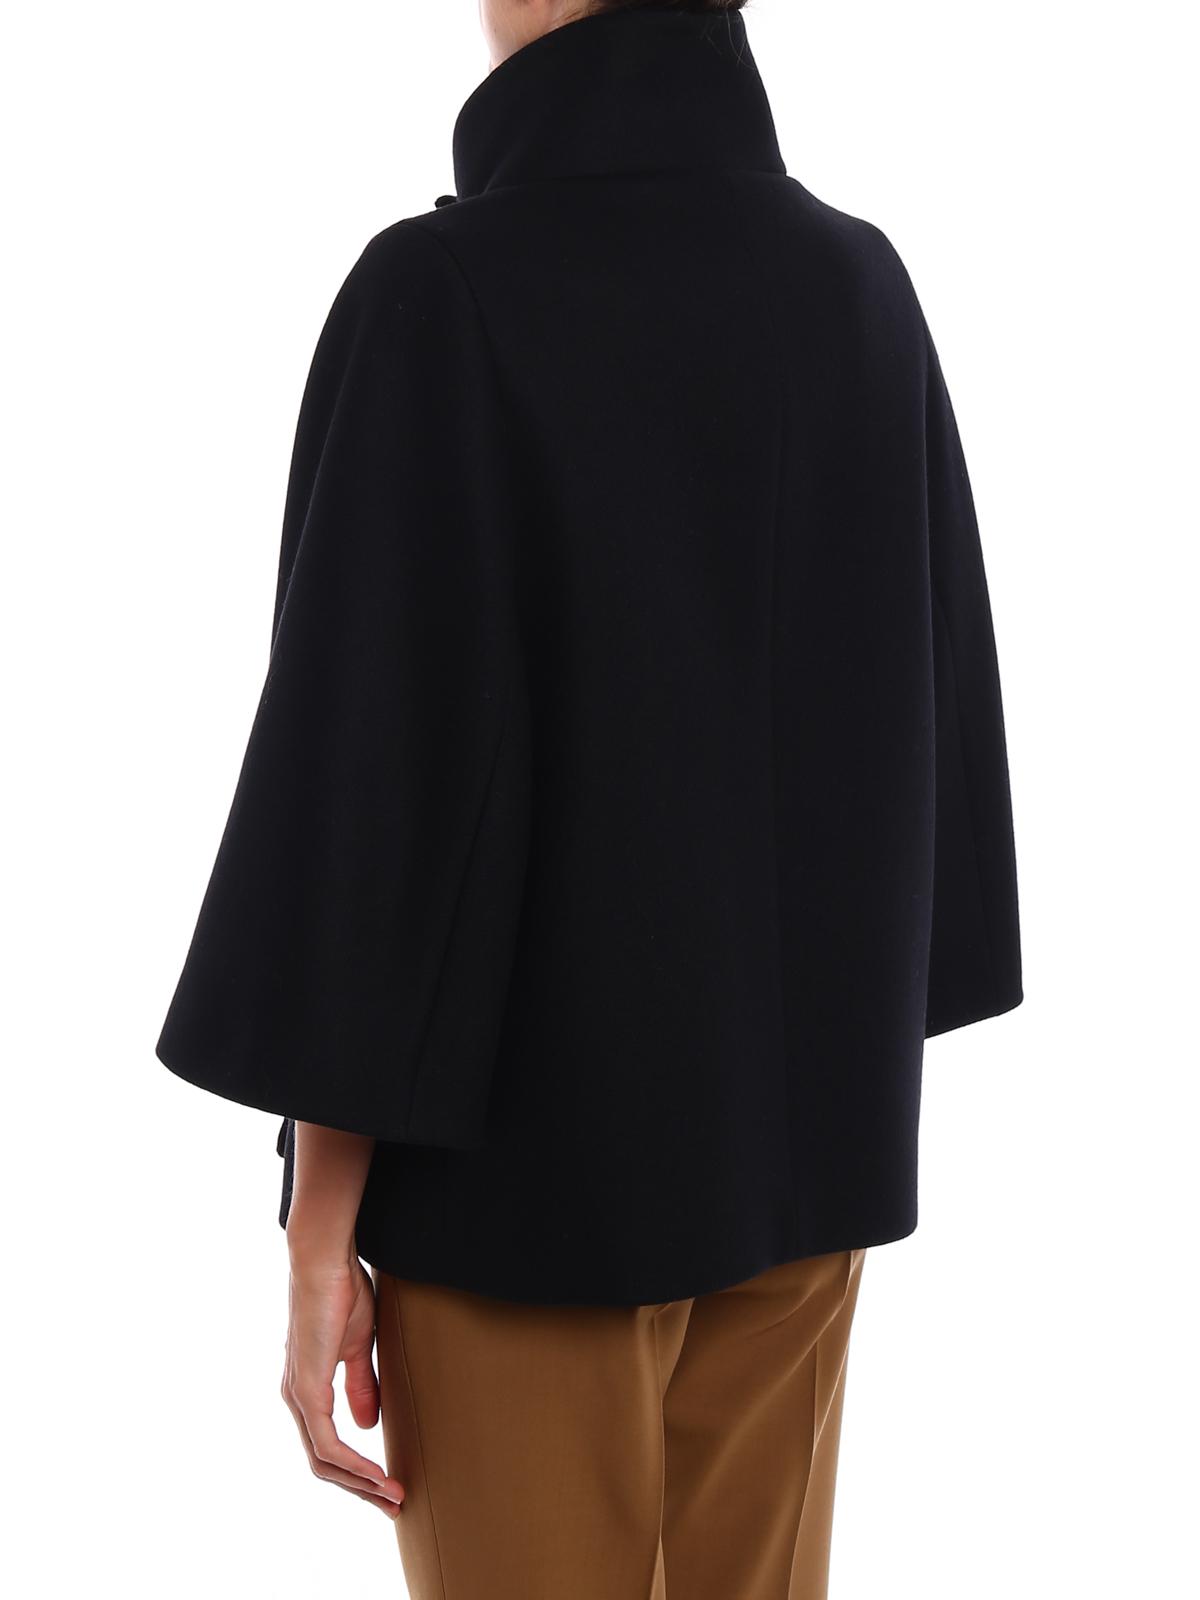 Eccezionale Giacca in misto lana stile mantella Fay - giacche casual | iKRIX JB09